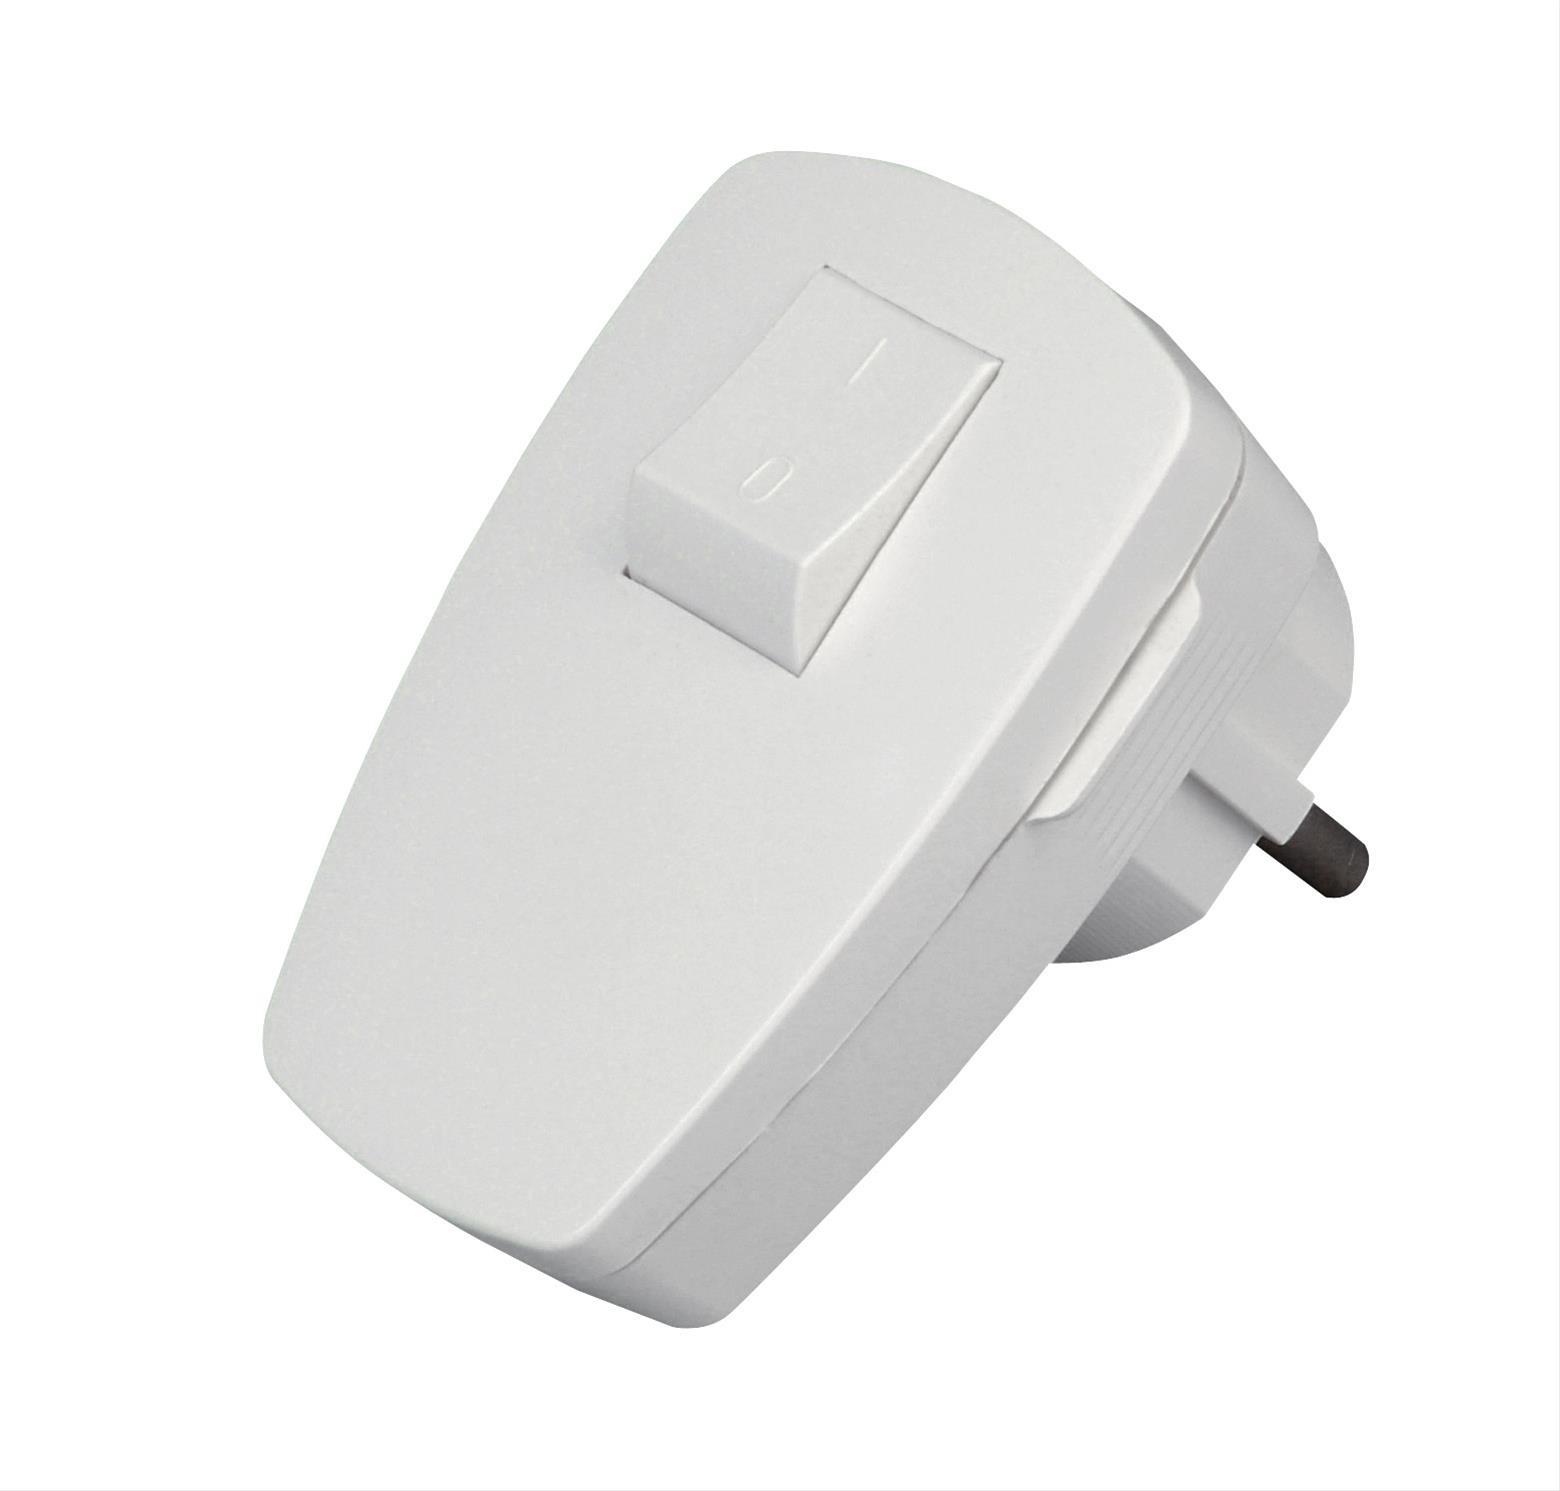 Kopp Kunststoff - Schutzkontakt - Stecker mit Wippenschalter arktis - weiss Bild 1